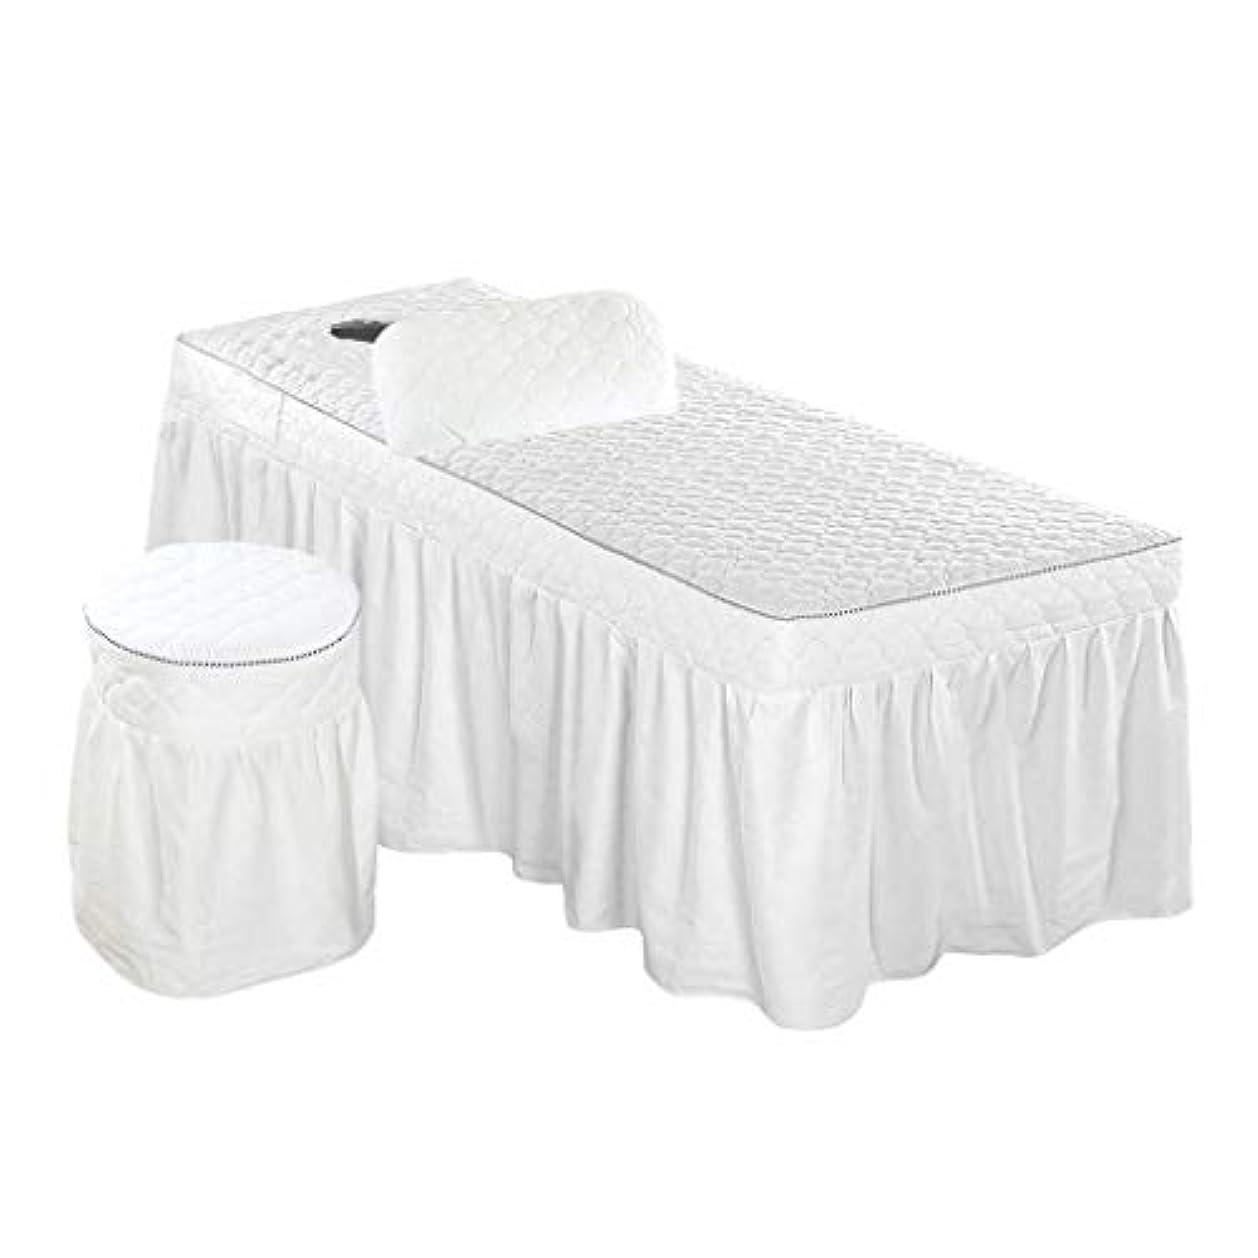 マイクロ正気備品エステベッドカバー 美容ベッドカバー 有孔 スツールカバー ピローケース付き - ホワイト